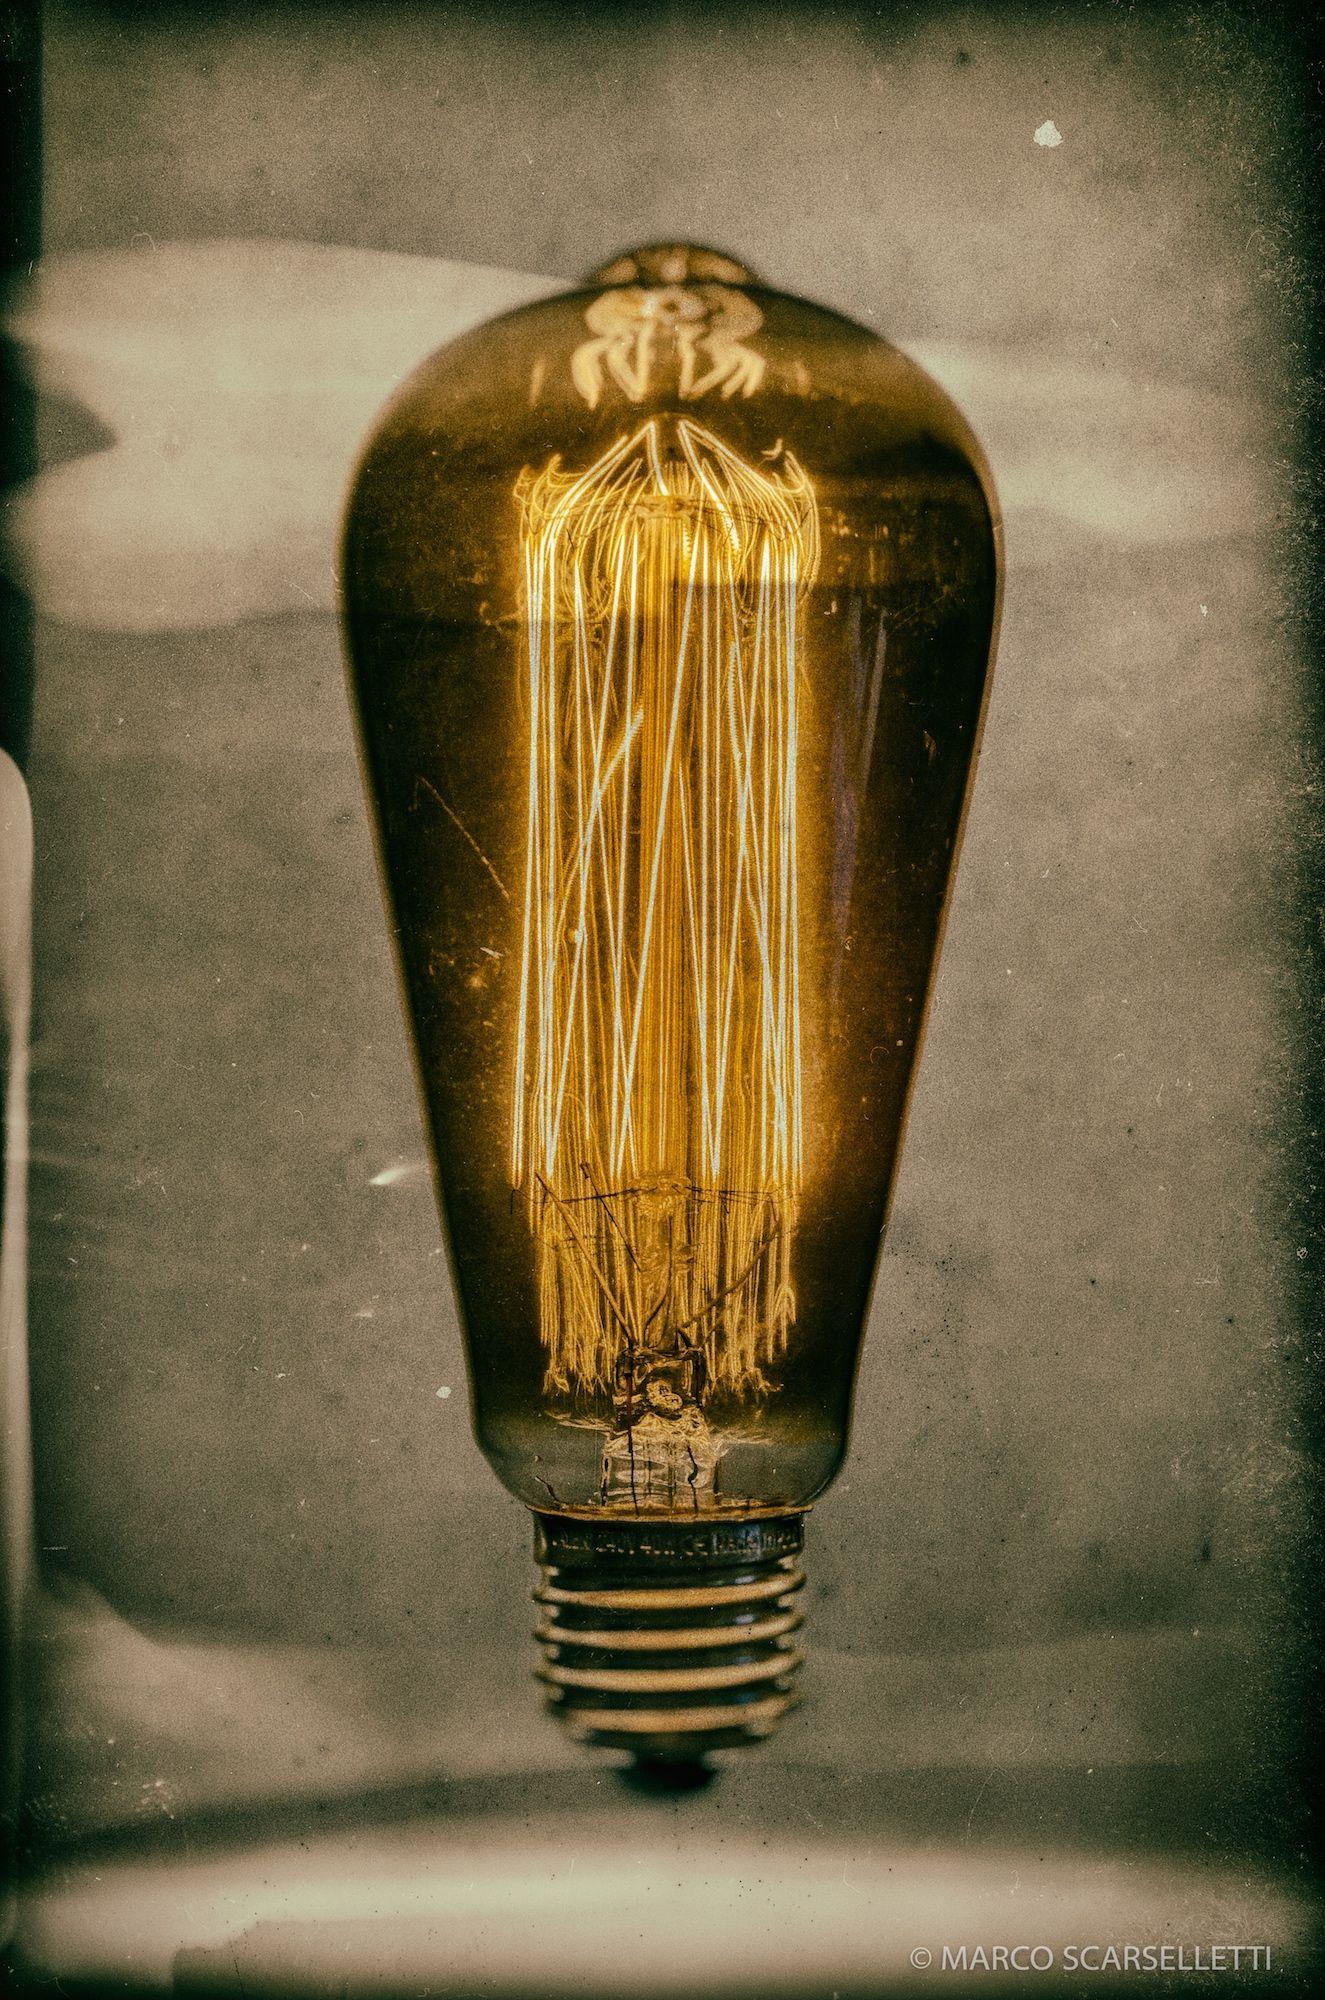 Bulb of Mistery